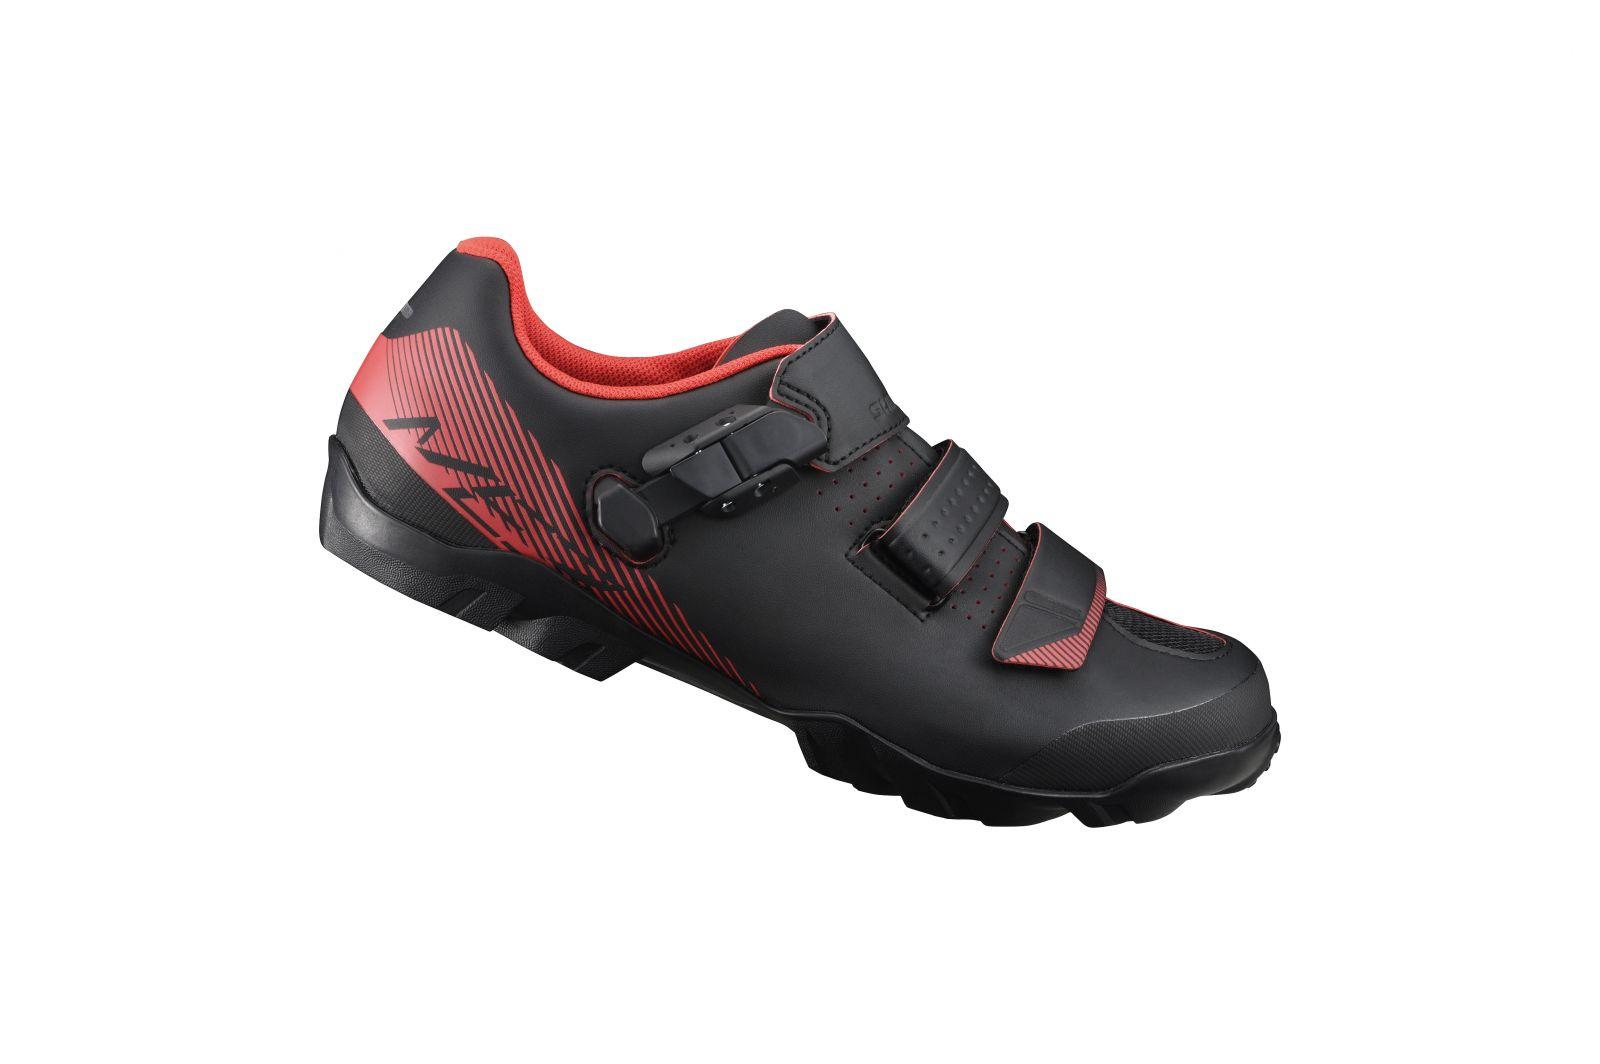 SHIMANO MTB obuv SH-ME300MO, černá oranžová, 42